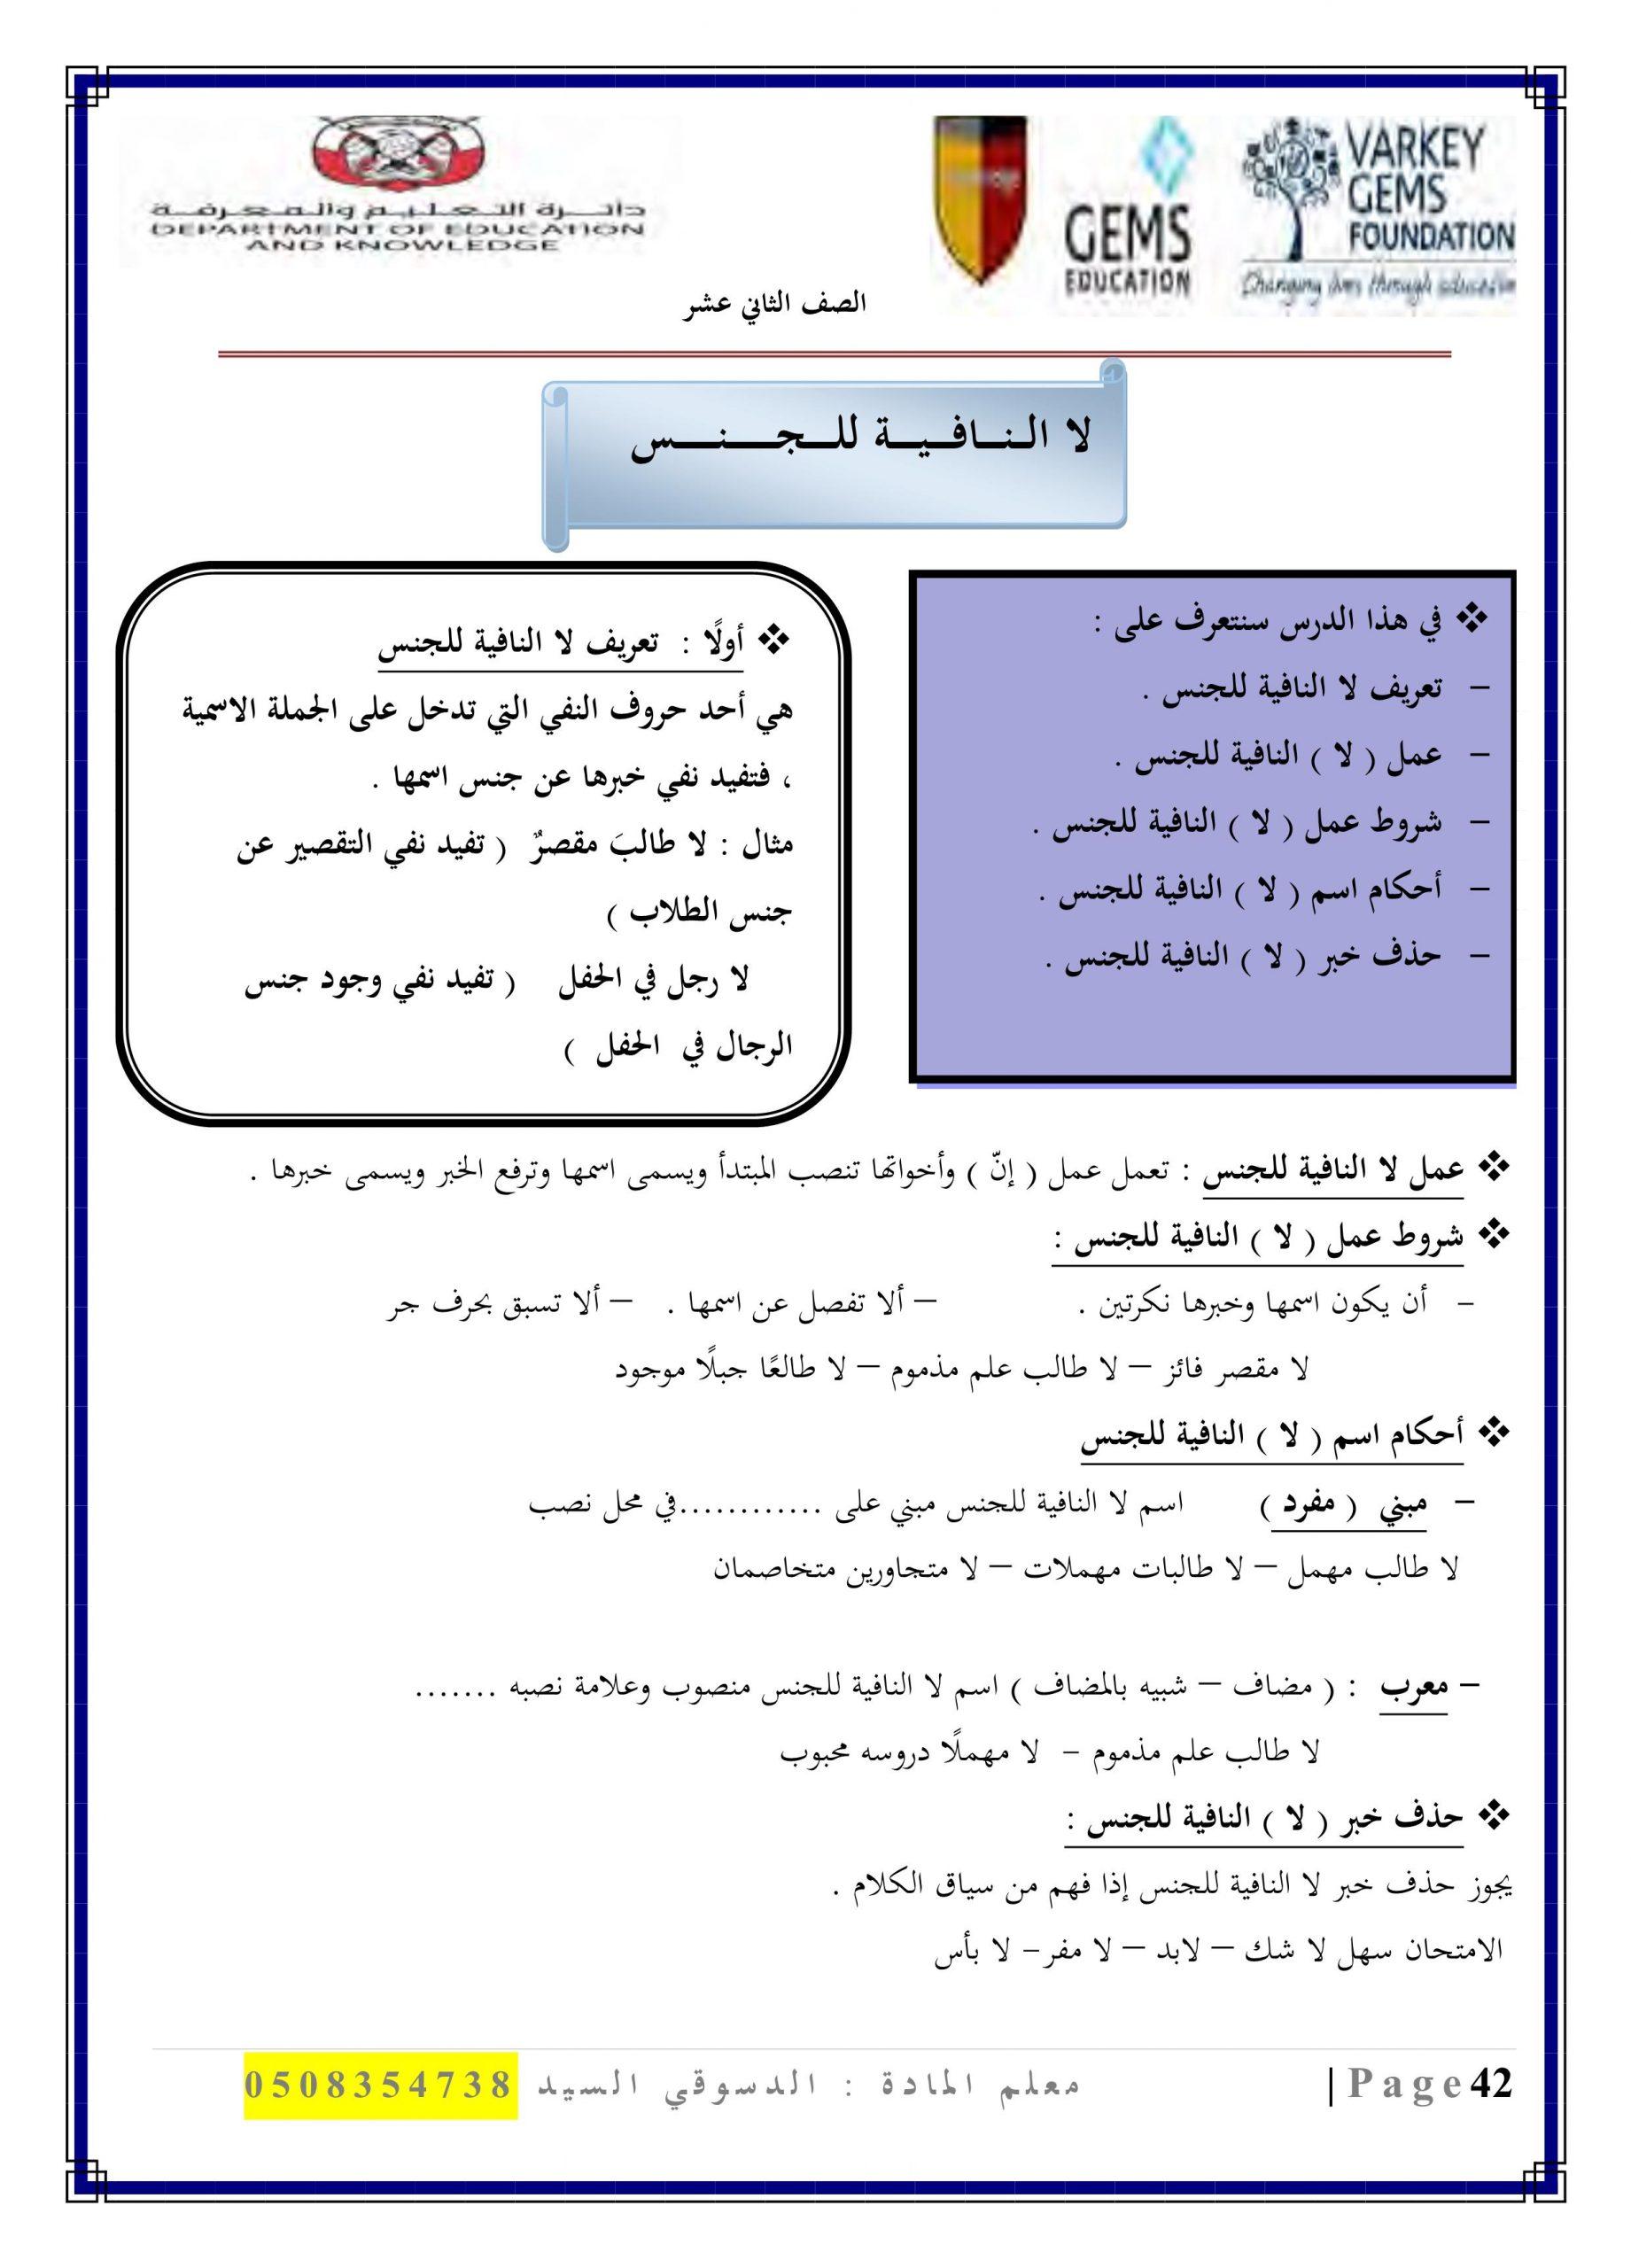 ورقة عمل لا النافية للجنس الصف الثاني عشر مادة اللغة العربية